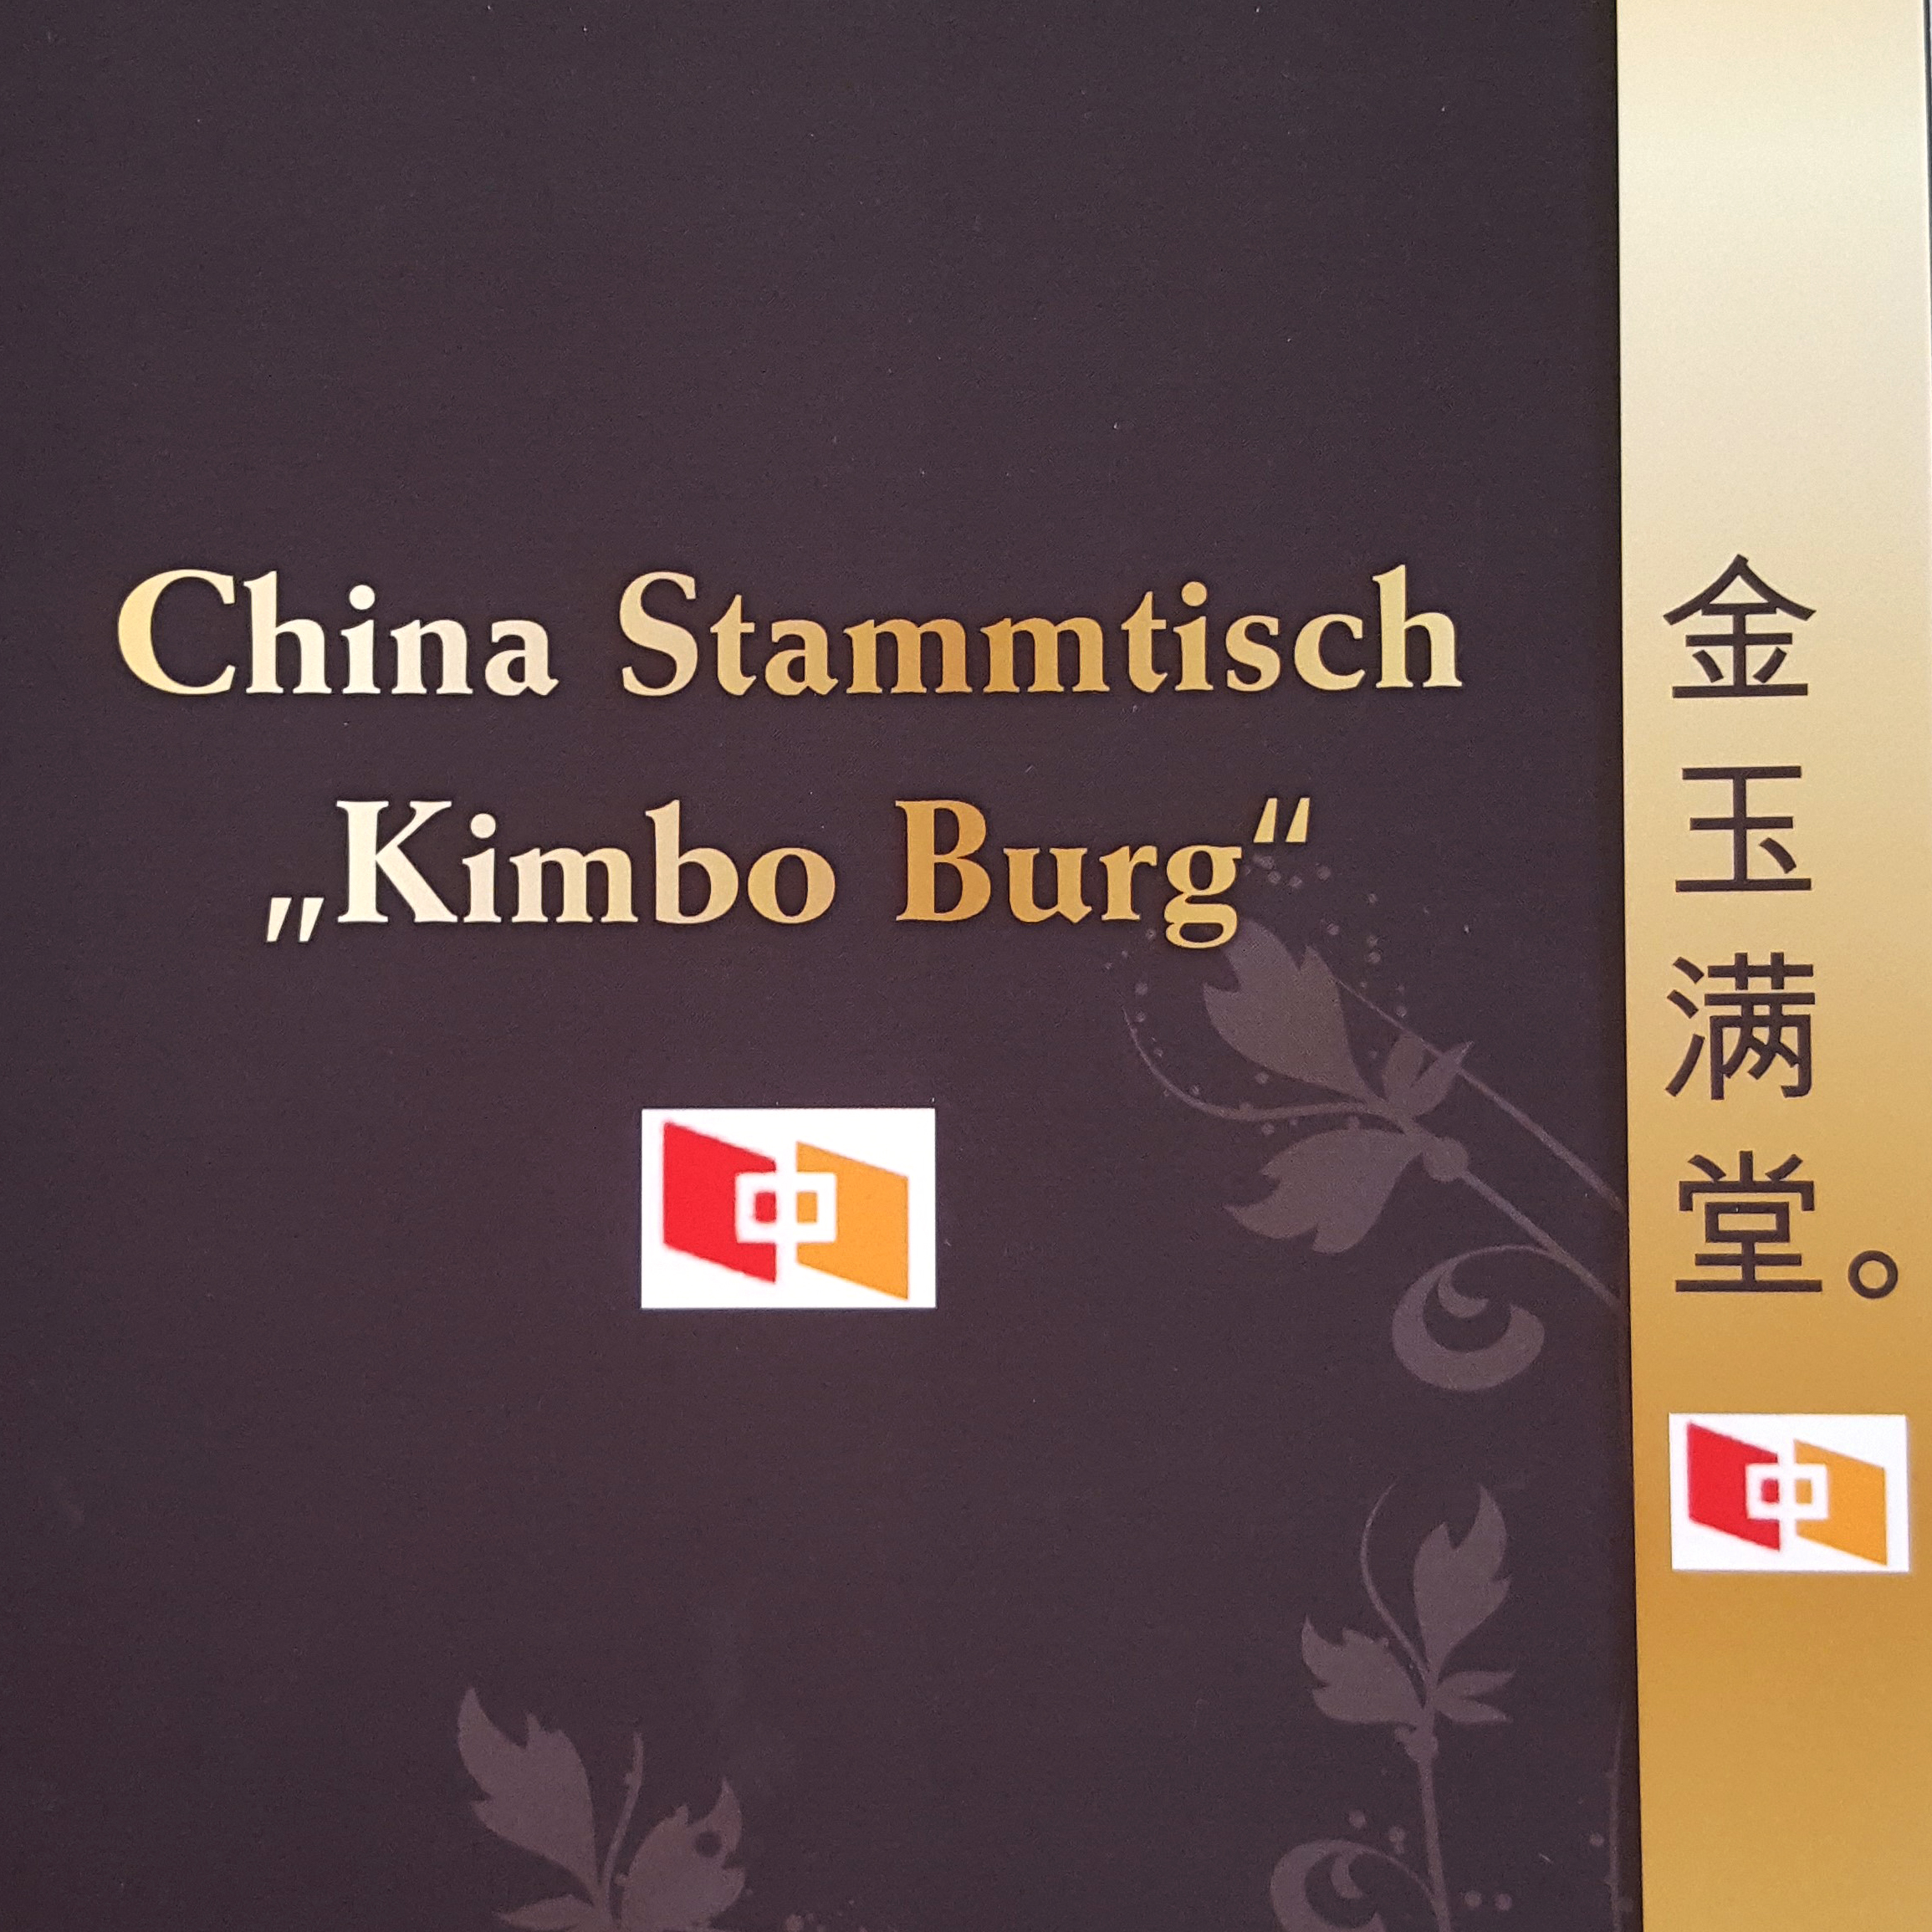 China Stammtisch Kimbo Burg Magdeburg